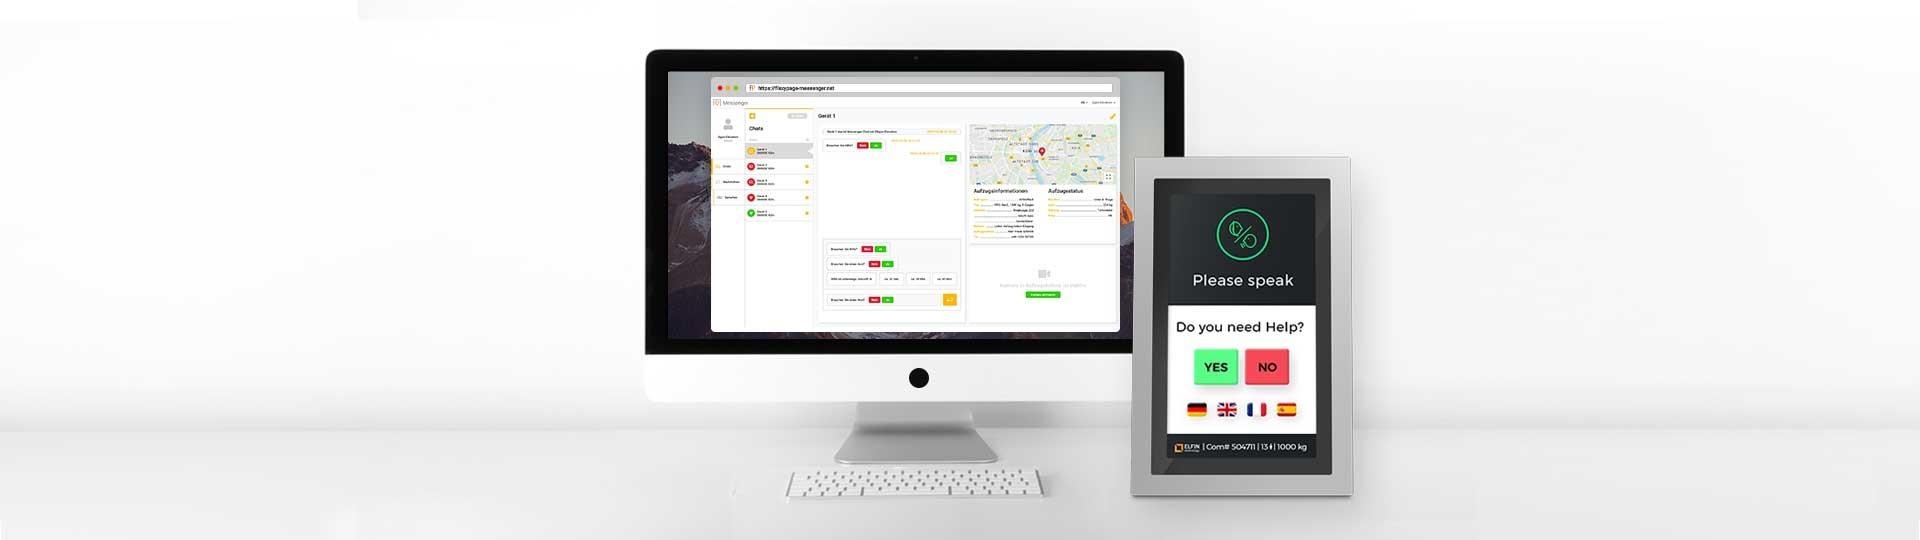 flexyPage Messenger